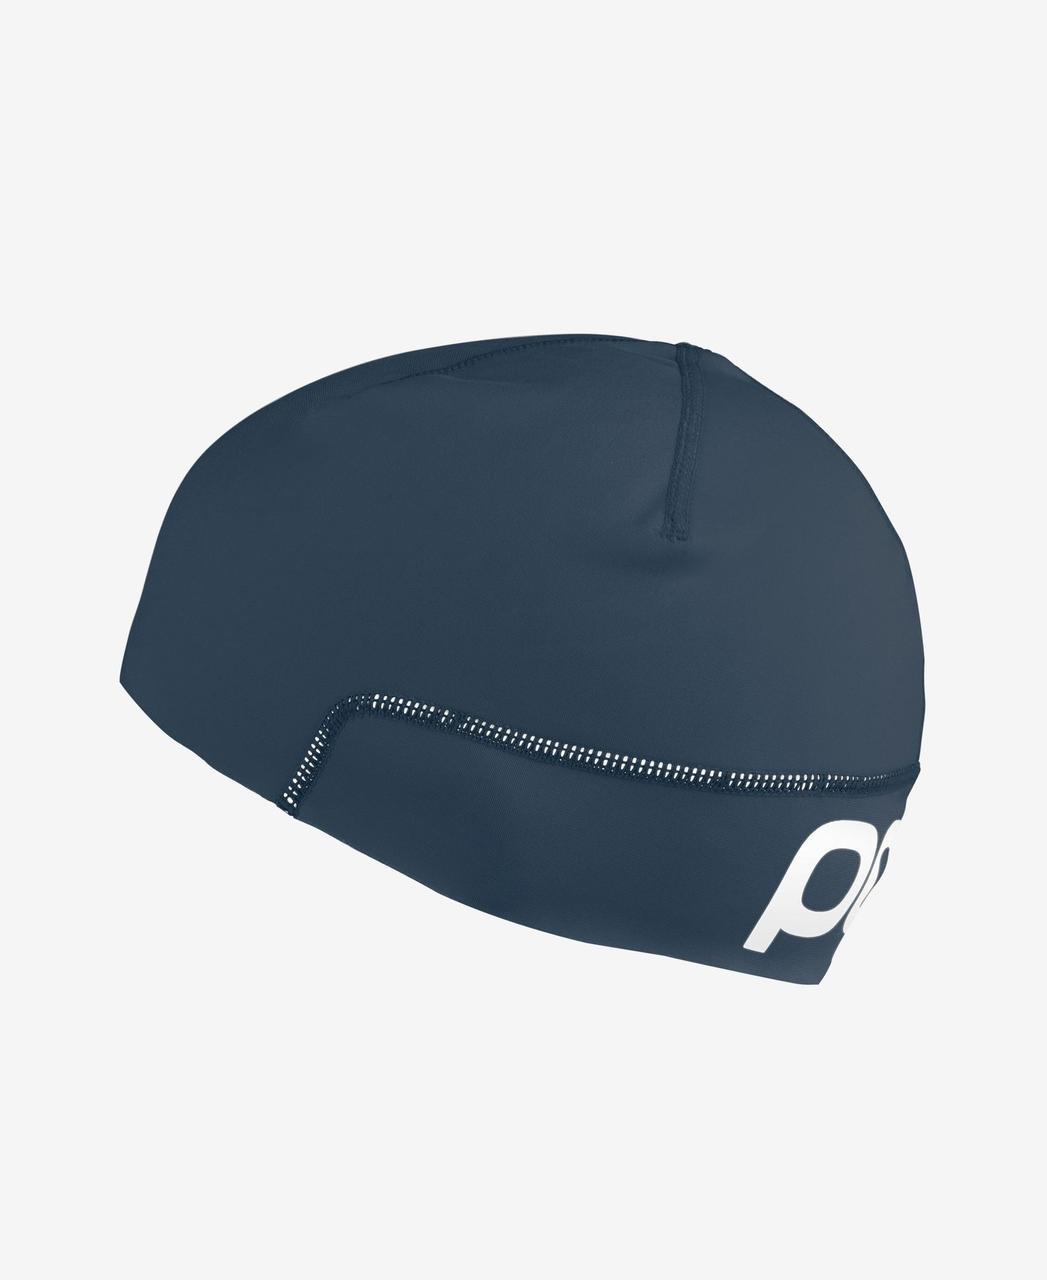 Шапка POC AVIP Road Beanie, Navy Black, One Size (PC 641601531ONE1)